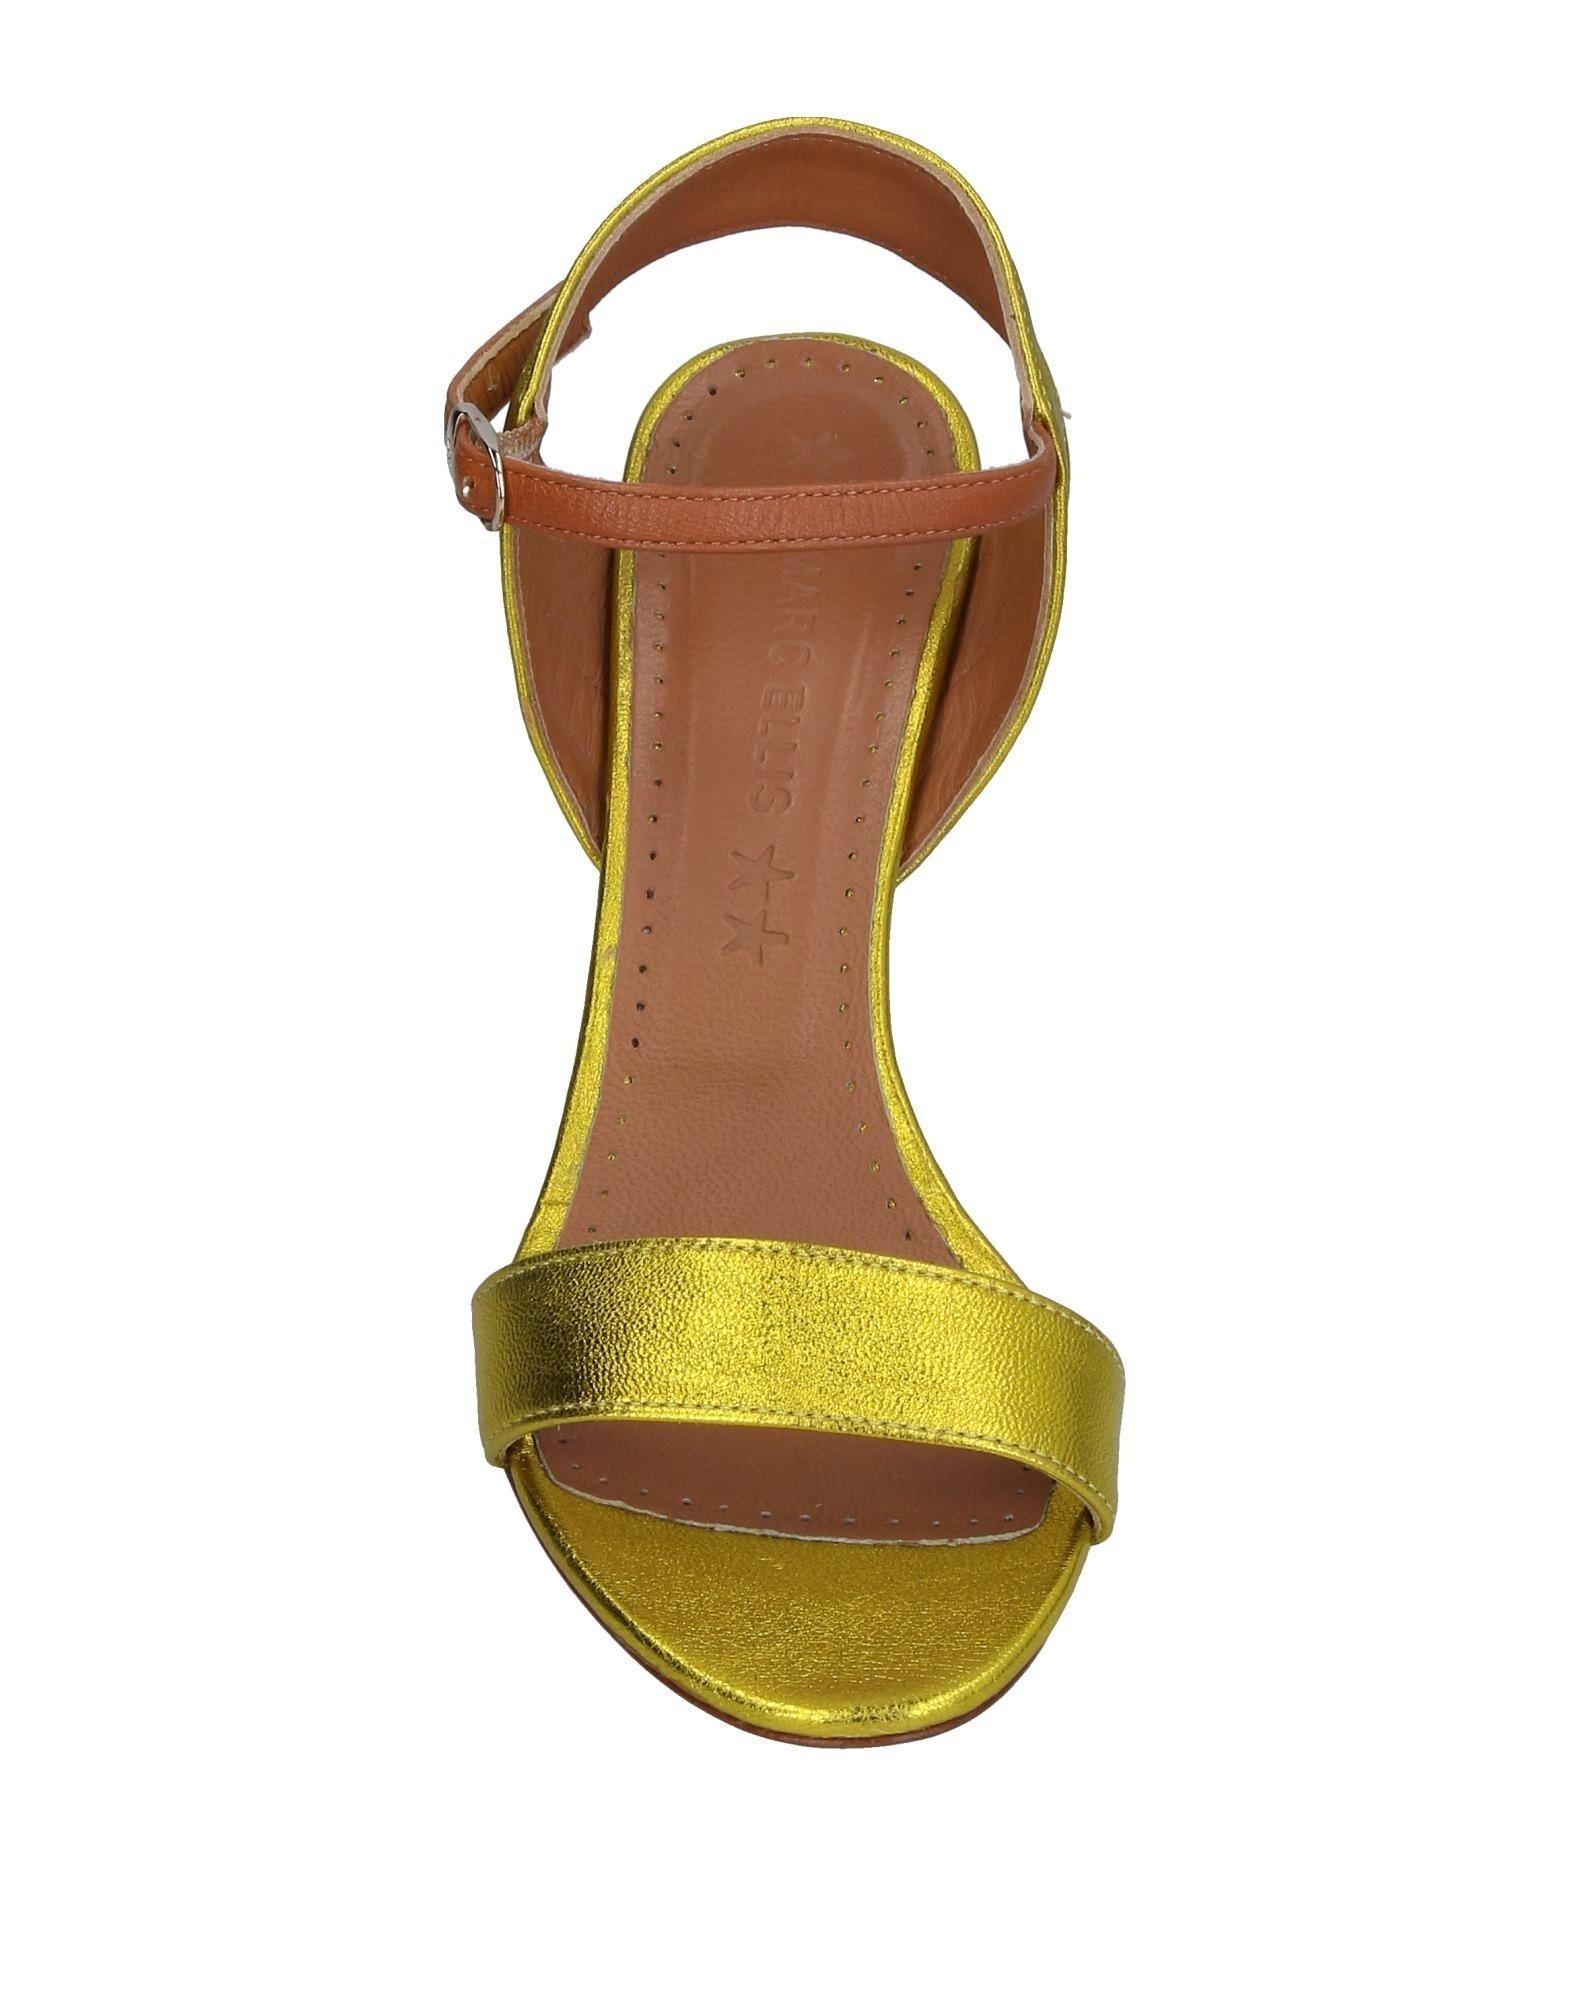 FOOTWEAR Marc Ellis Yellow Woman Leather